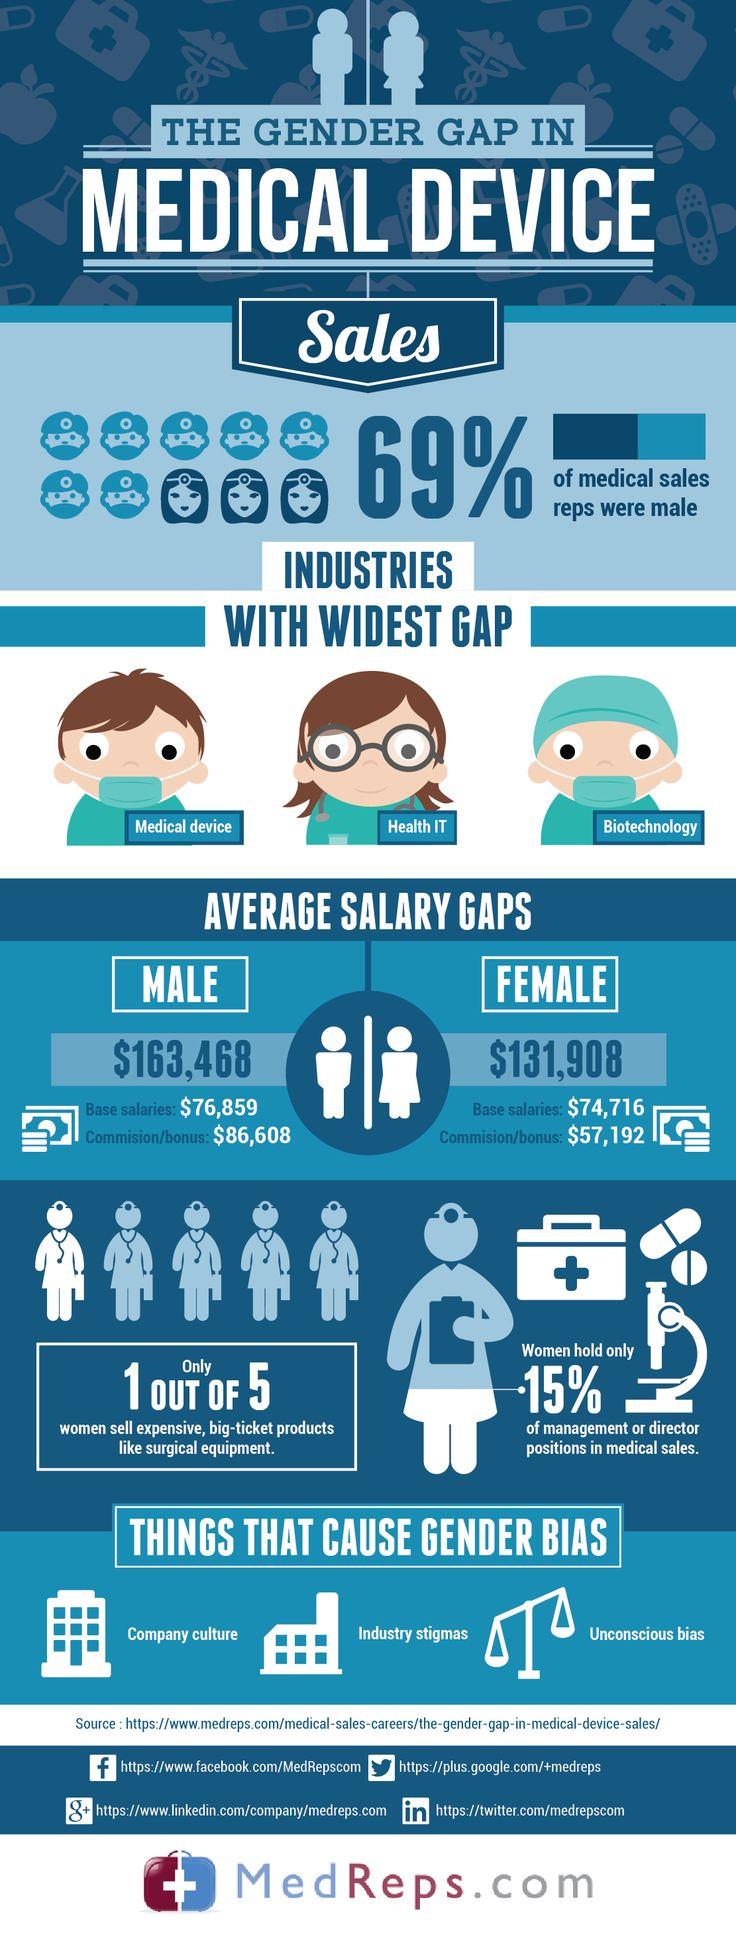 The Gender Gap in Medical Device Sales #medicaldevice #sales #medreps